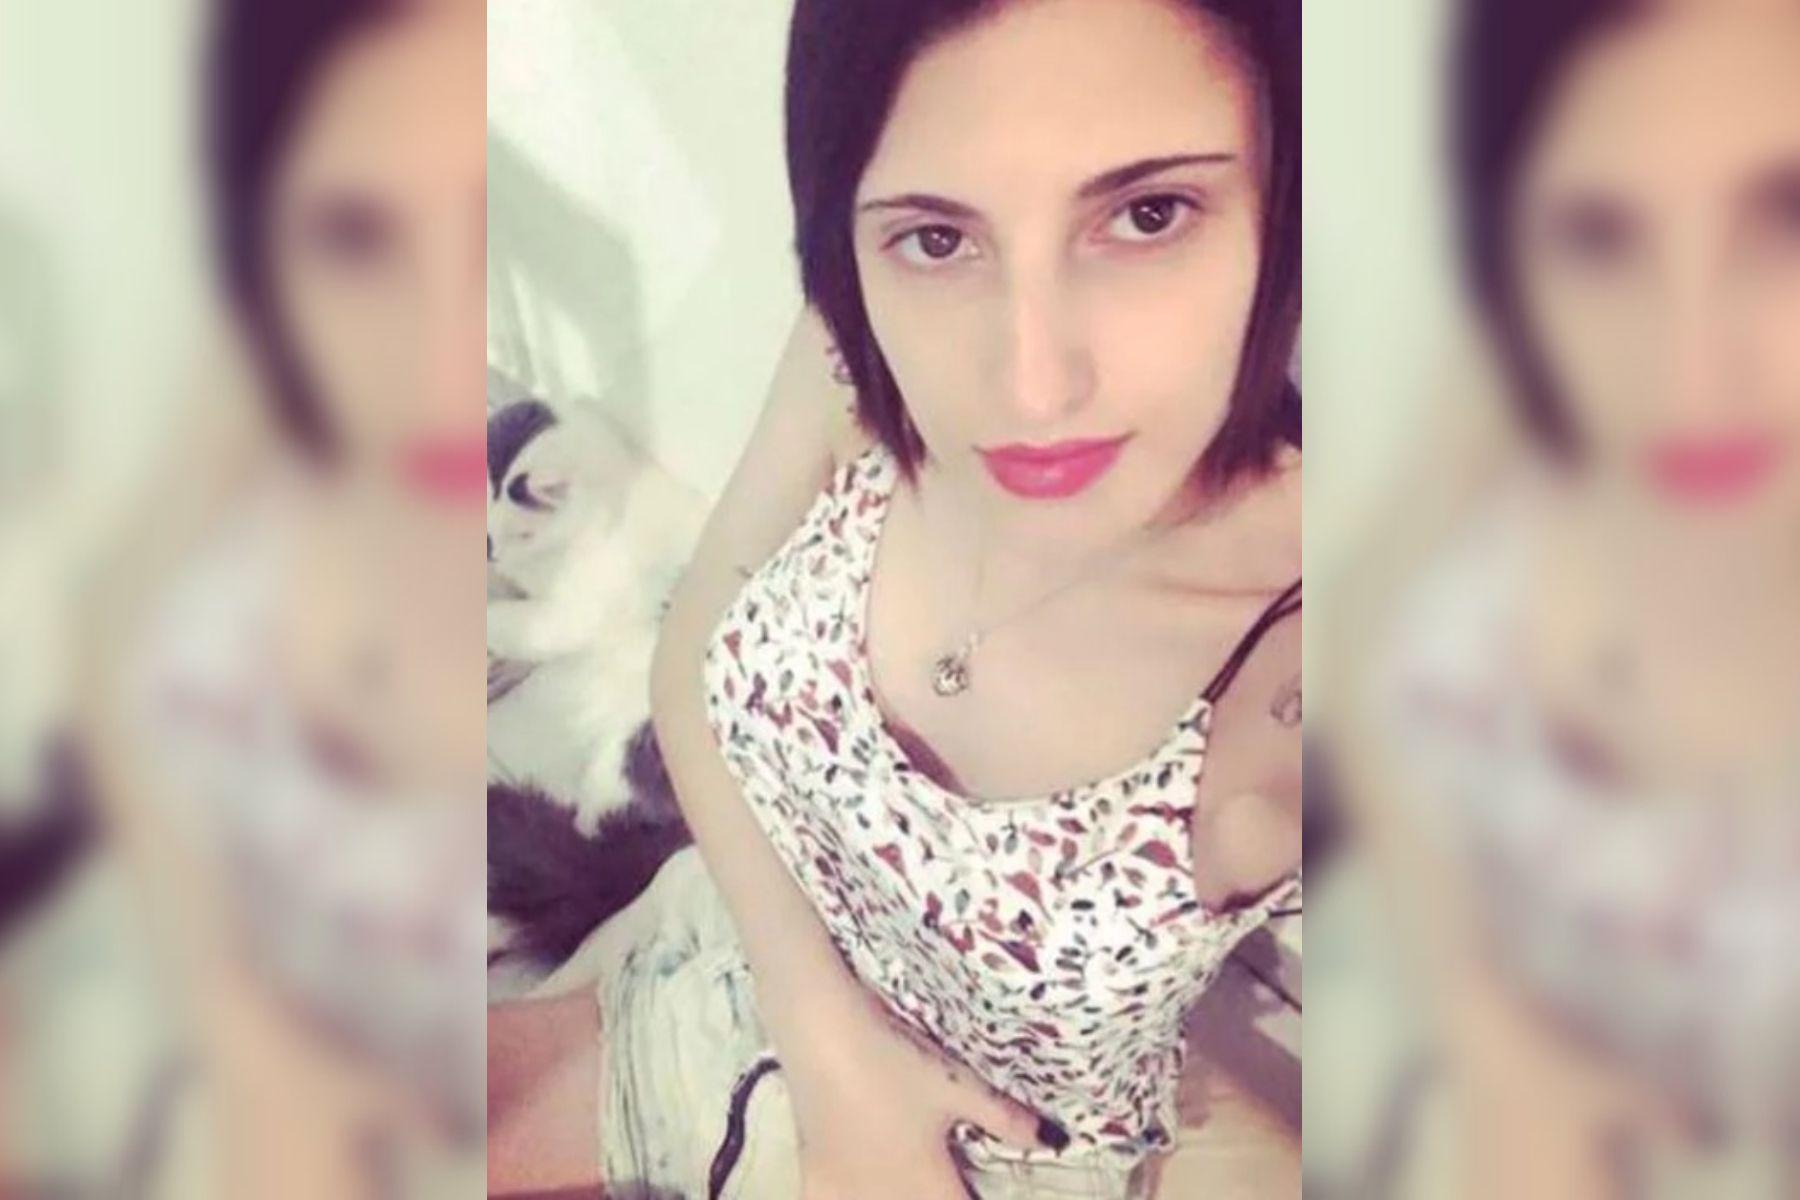 Logró que su ex fuera a juicio por difundir videos sexuales de ella pero vive un calvario: Perdí el trabajo